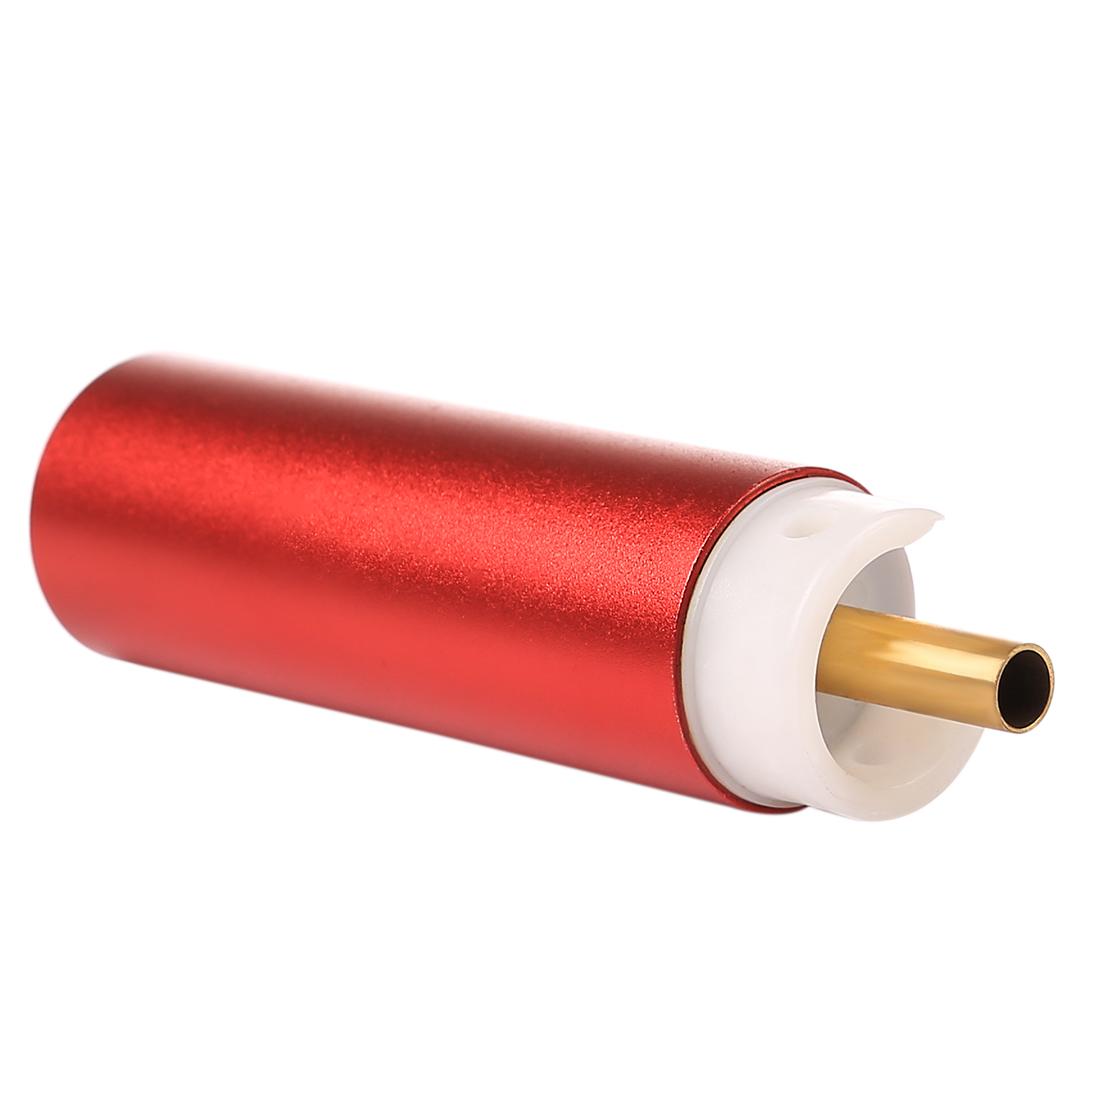 Alloy Cylinder with Cylinder Head for JM Gen 8/JM Gen 9 M4A1 Gel Blaster